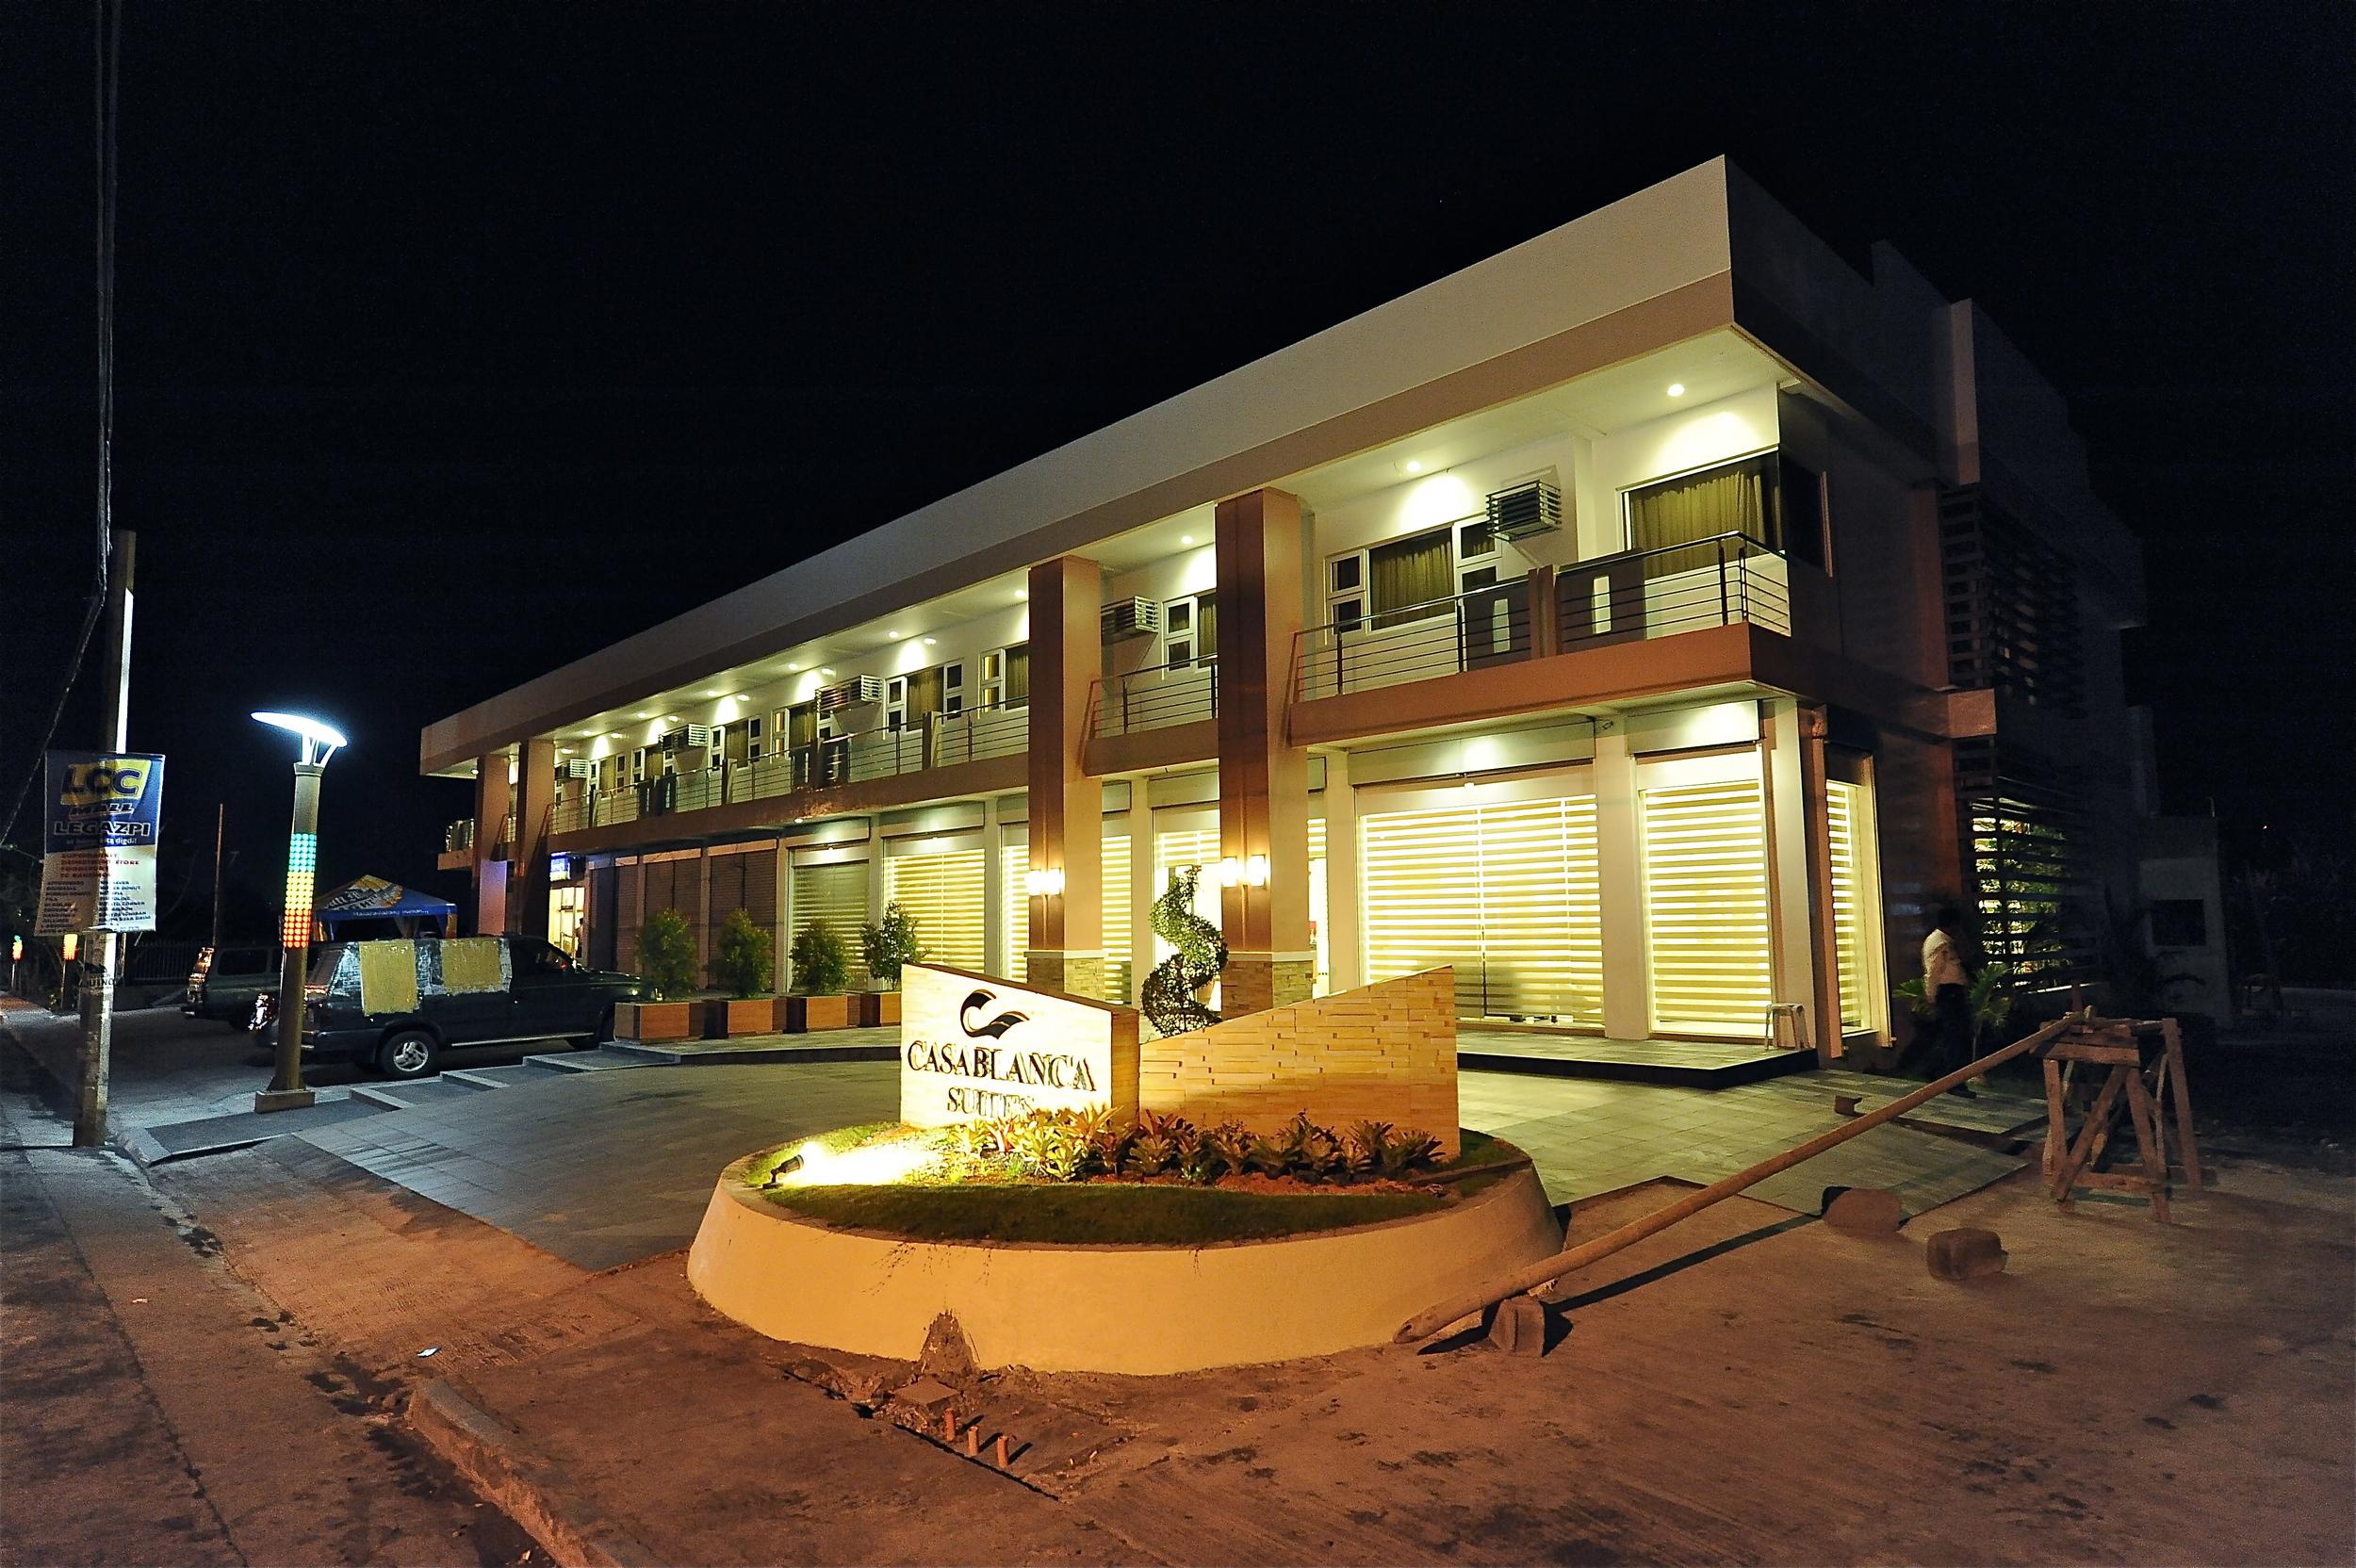 Casa Blanca Suites, Legazpi